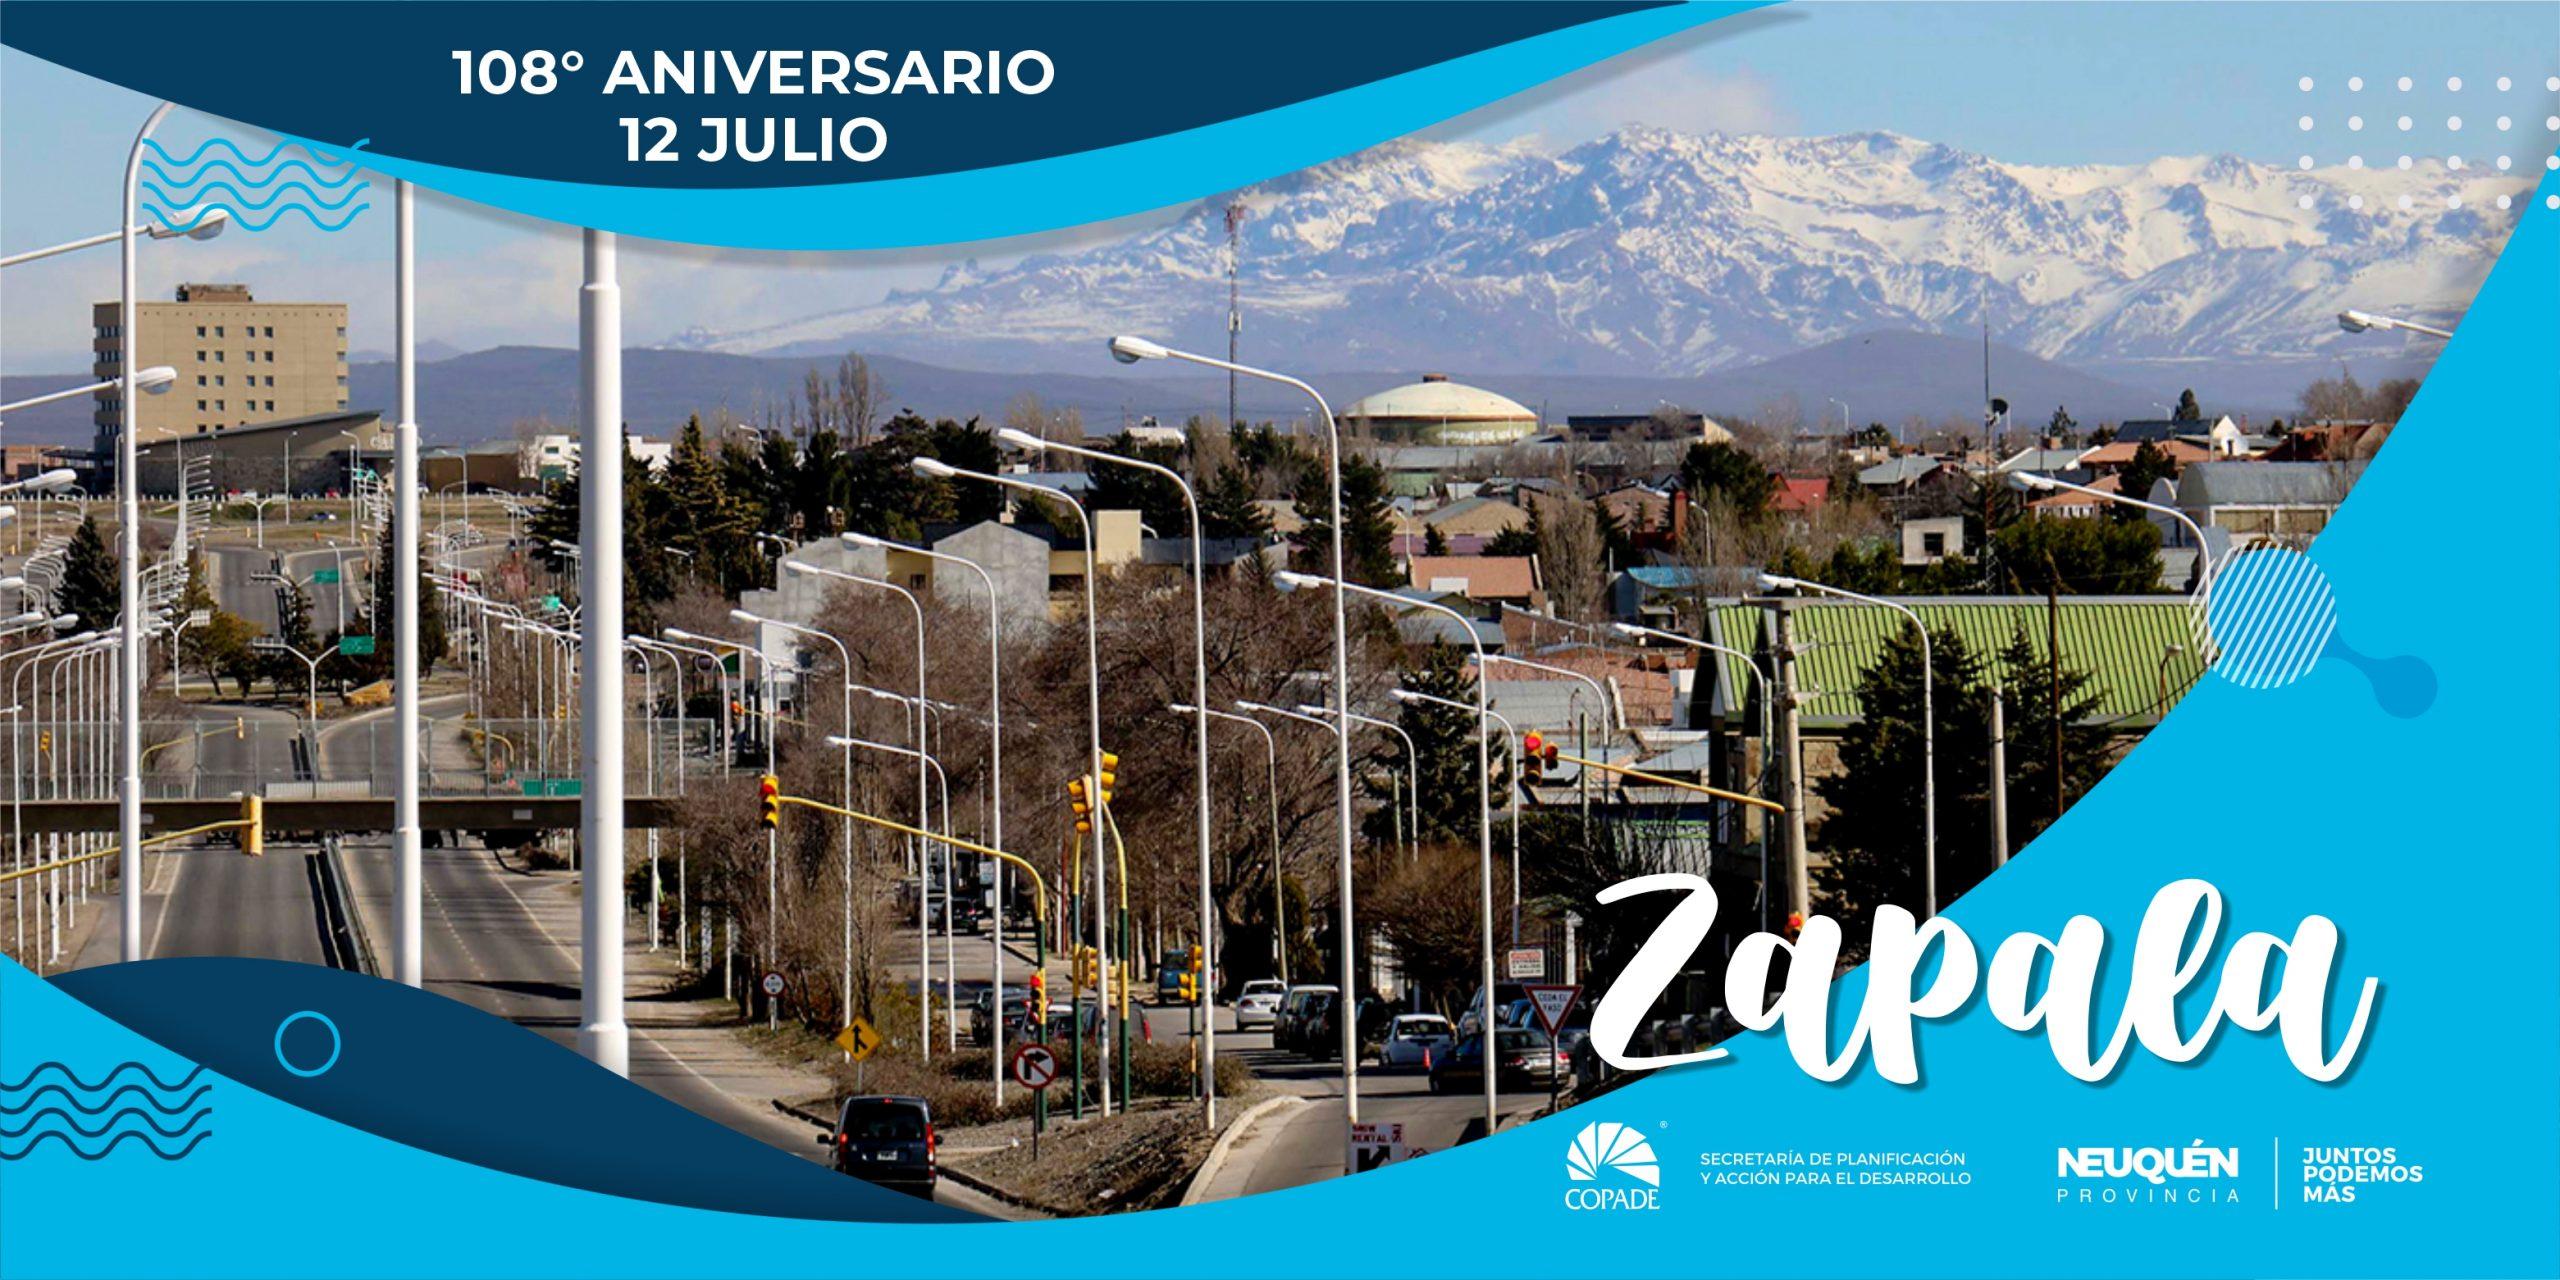 12 de Julio | Aniversario de Zapala